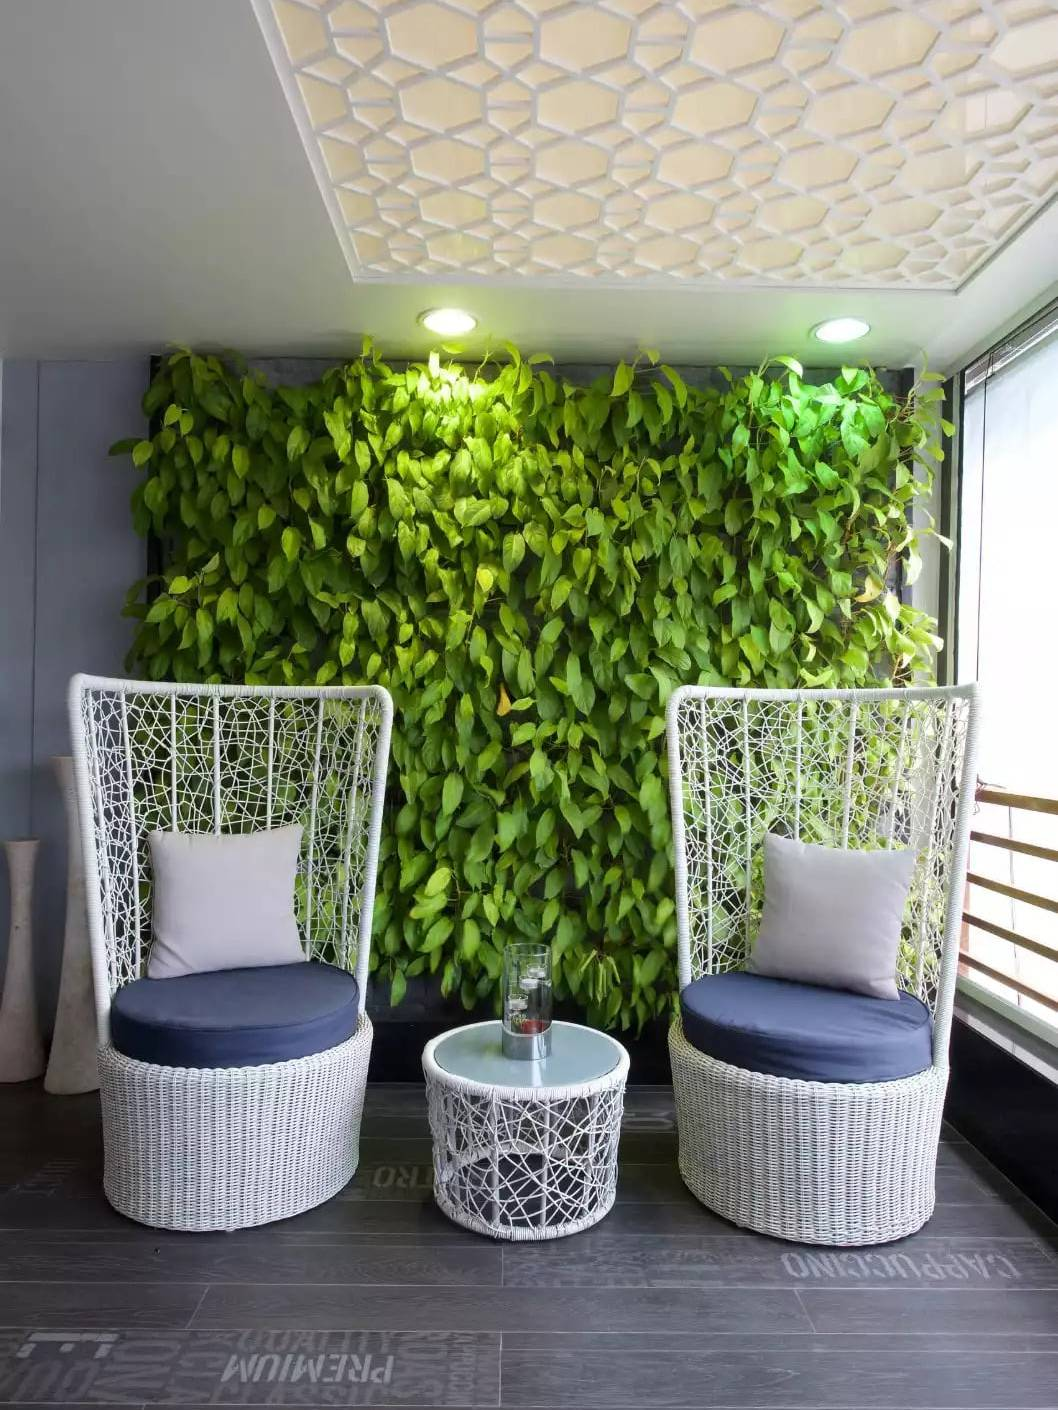 Thiết kế ban công căn hộ với vườn treo